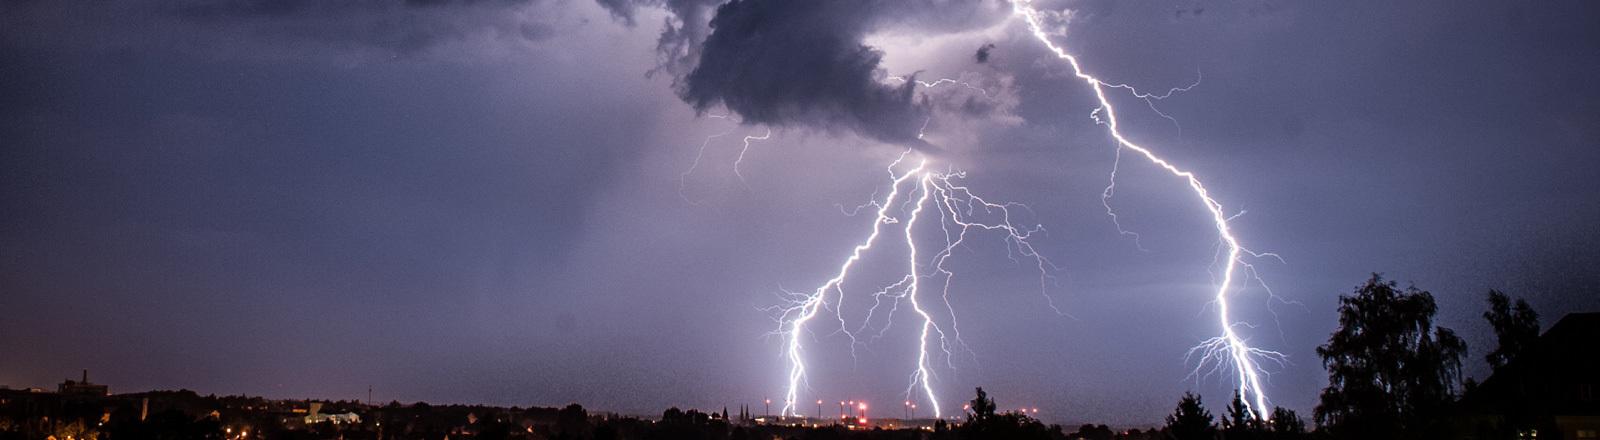 Der Himmel nahe der Stadt Görlitz (Sachsen) wird in der Nacht zum 04.08.2013 von Gewitterblitzen erhellt. Vielerorts findet die extreme Hitze mit heftigen Gewittern ein vorläufiges Ende.